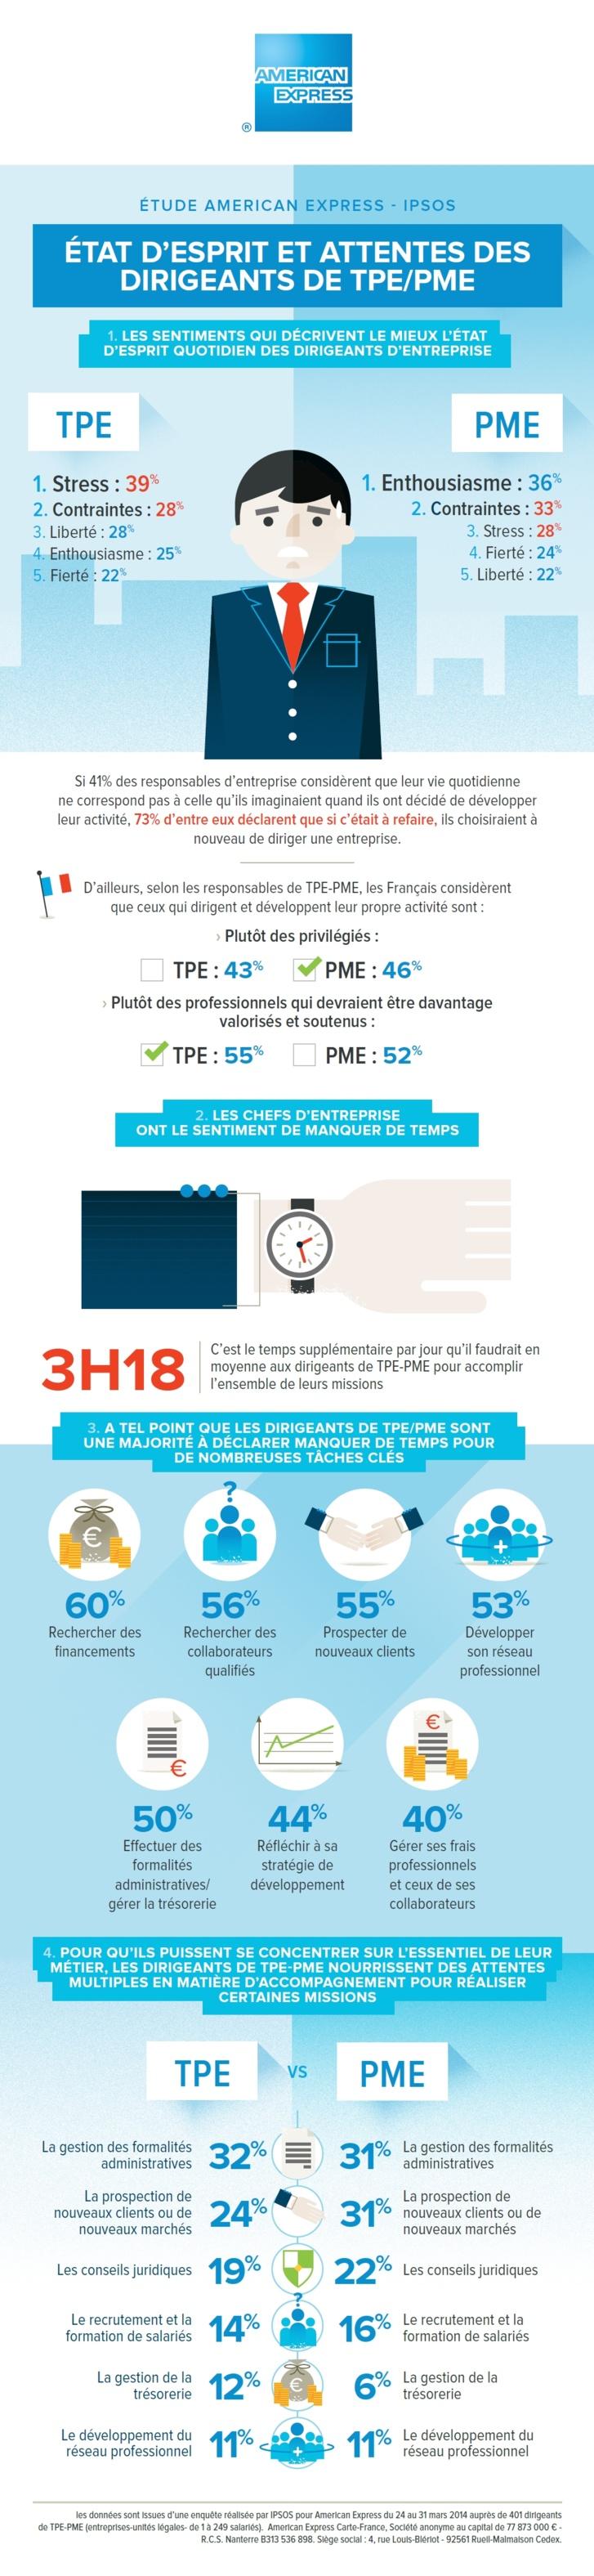 Infographie   TPE & PME - un quotidien stressant, marqué par le manque de temps